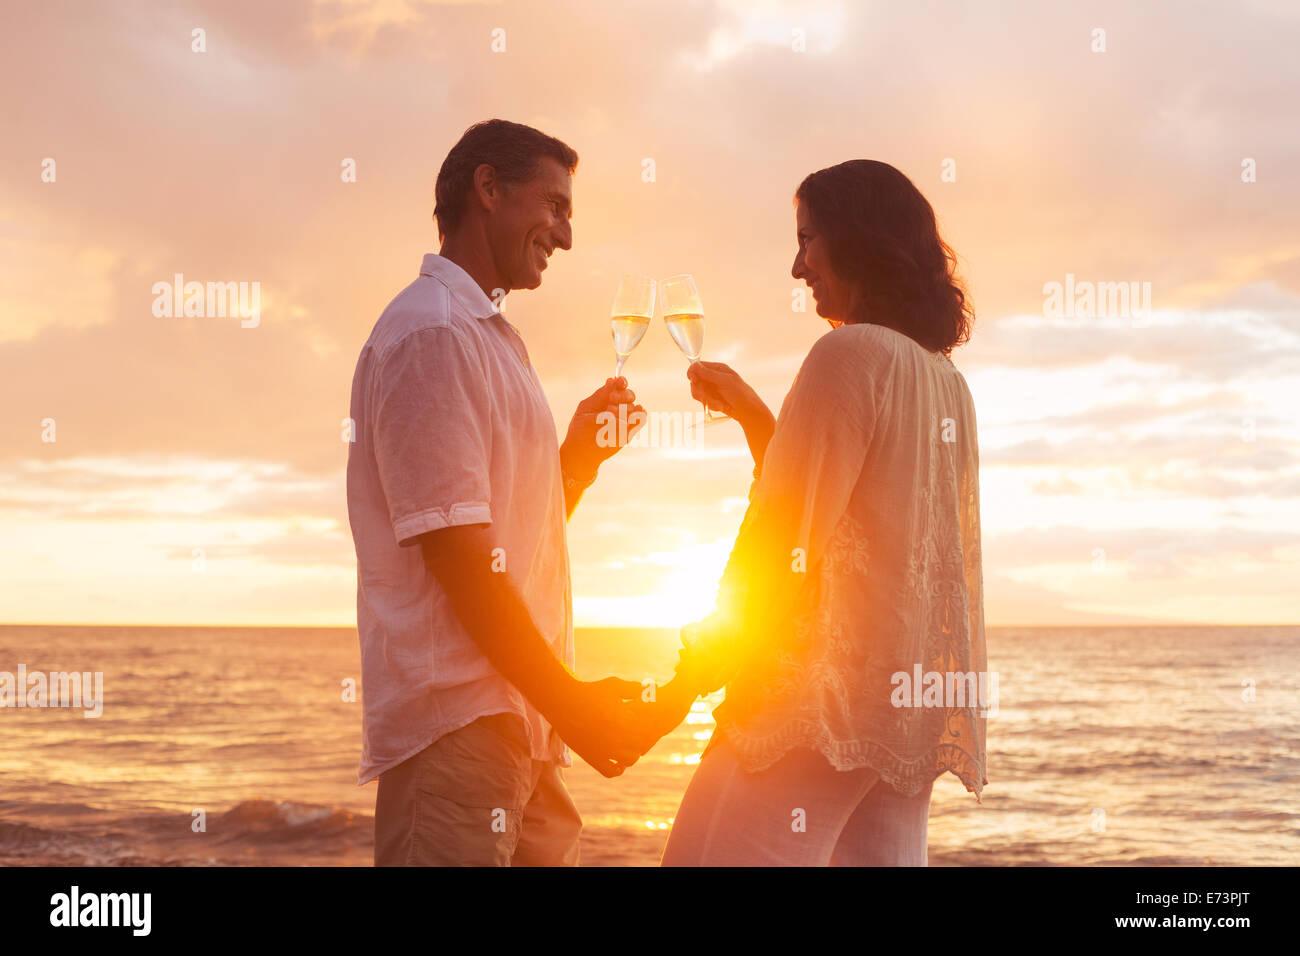 Happy Romantic Couple Enjoying verre de champagne au coucher du soleil sur la plage. La retraite de voyages vacances Photo Stock